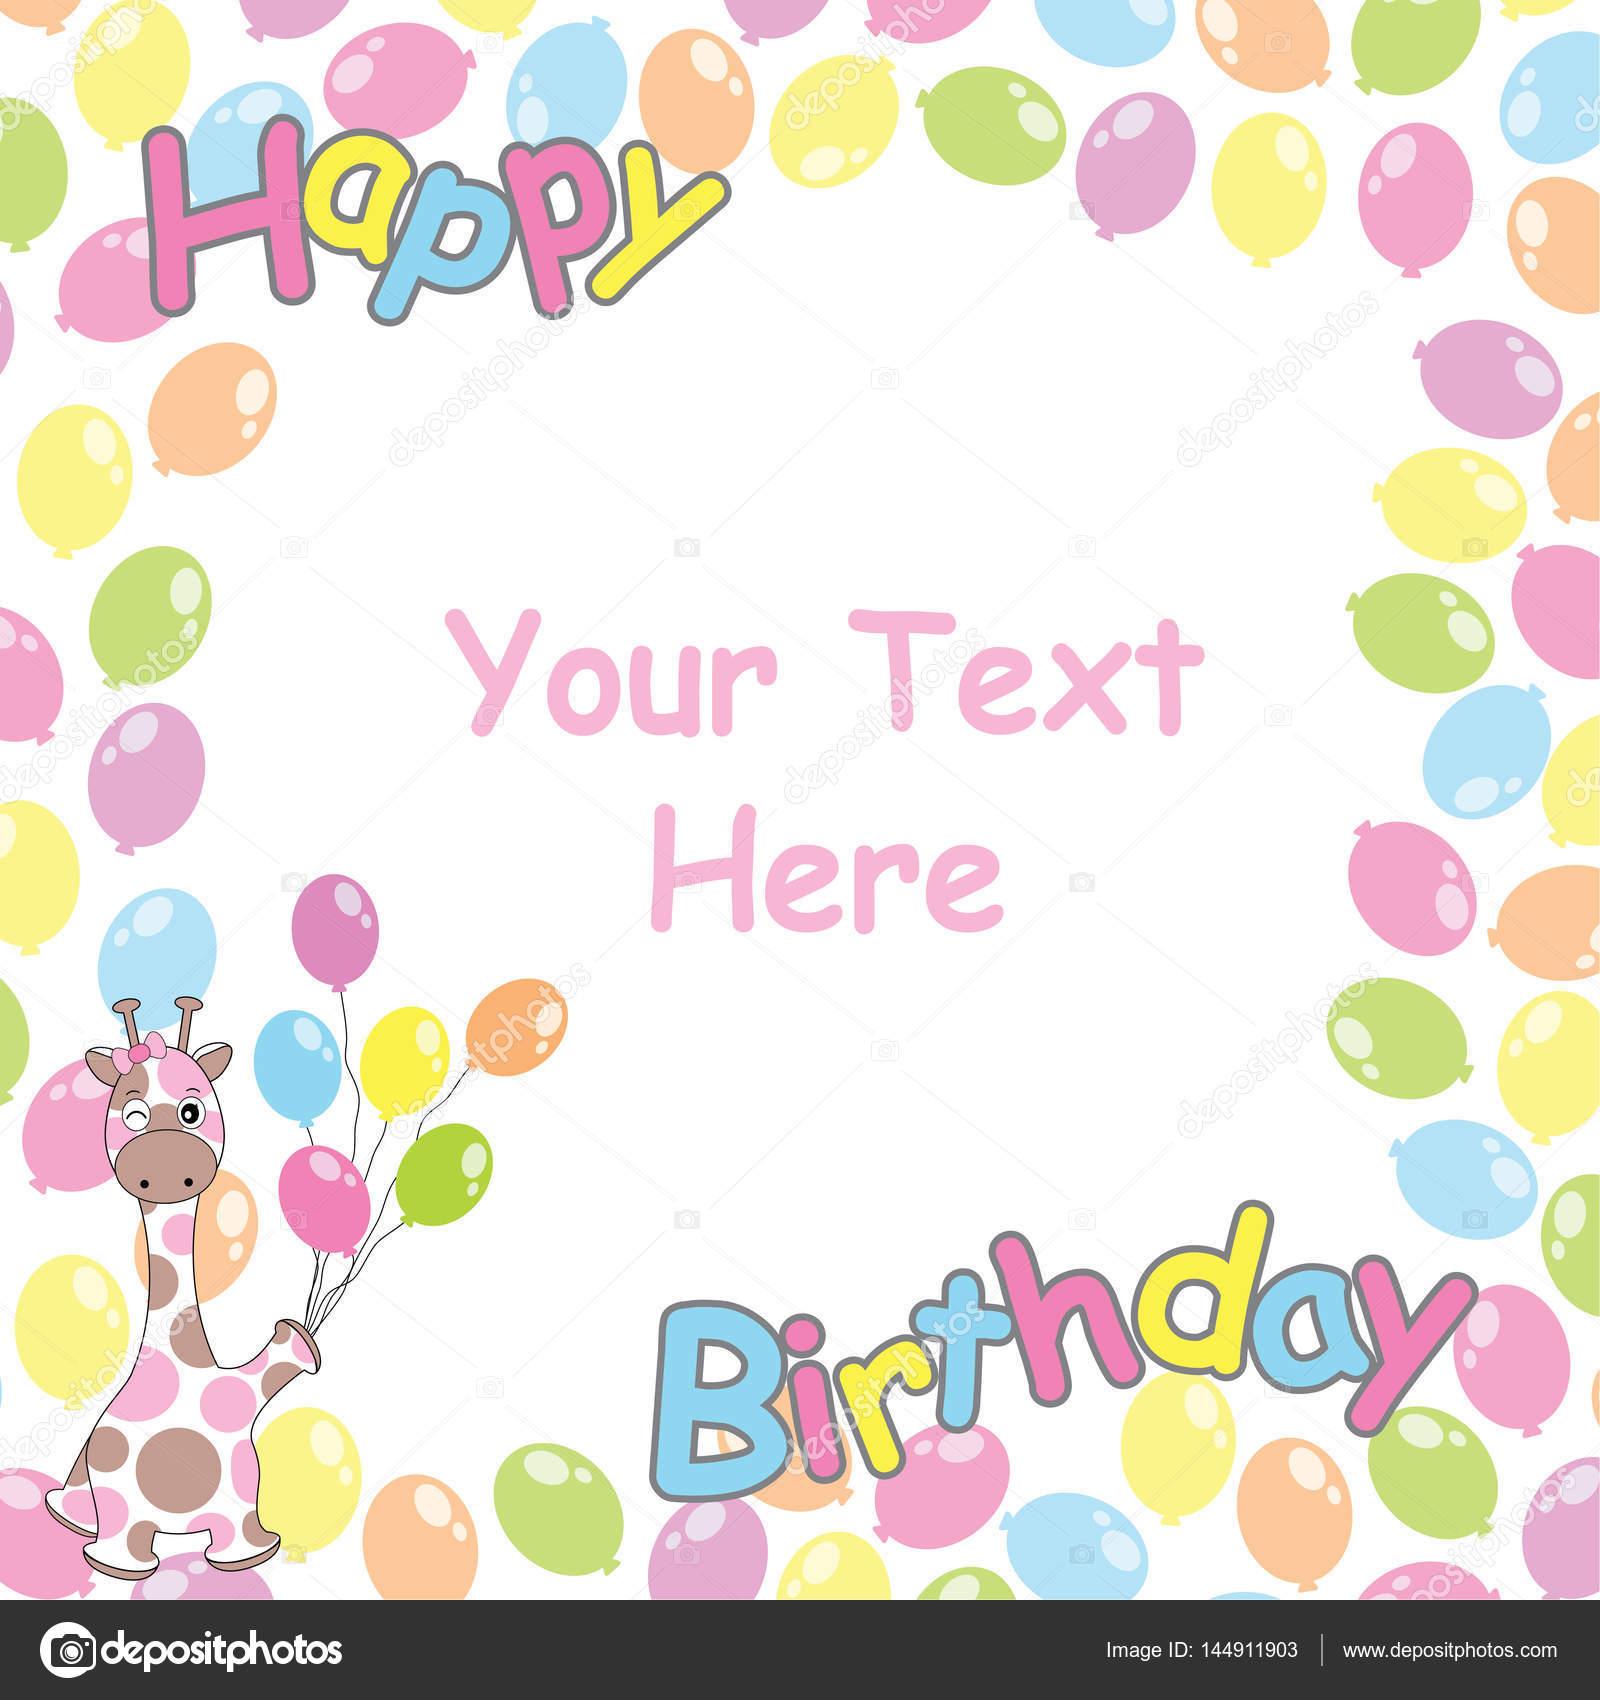 Geburtstagskarte mit niedlichen Giraffen und Ballons Rahmen